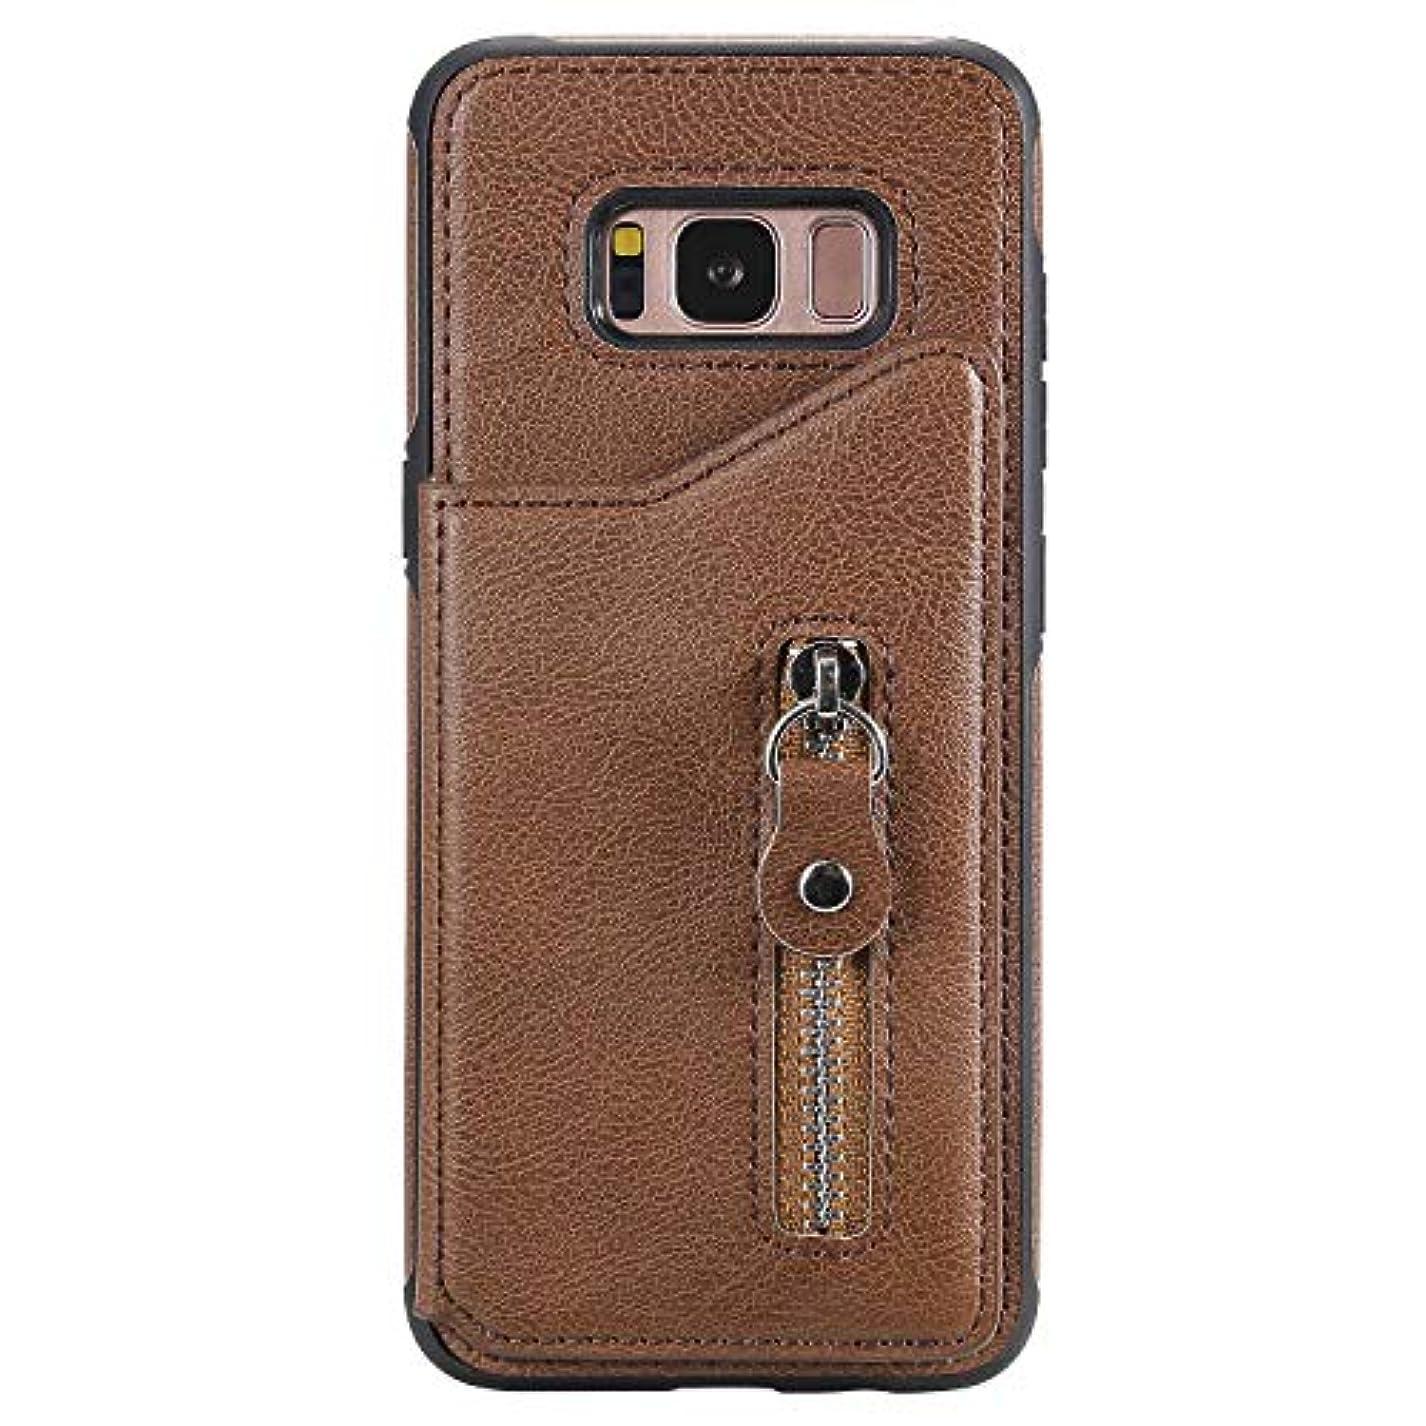 補償外観トリクルOMATENTI Galaxy S8 ケース, PUレザー 薄型 簡約風 人気 新品 バックケース Galaxy S8 用 Case Cover, 財布とコインポケット付き, 液晶保護 カード収納, 褐色